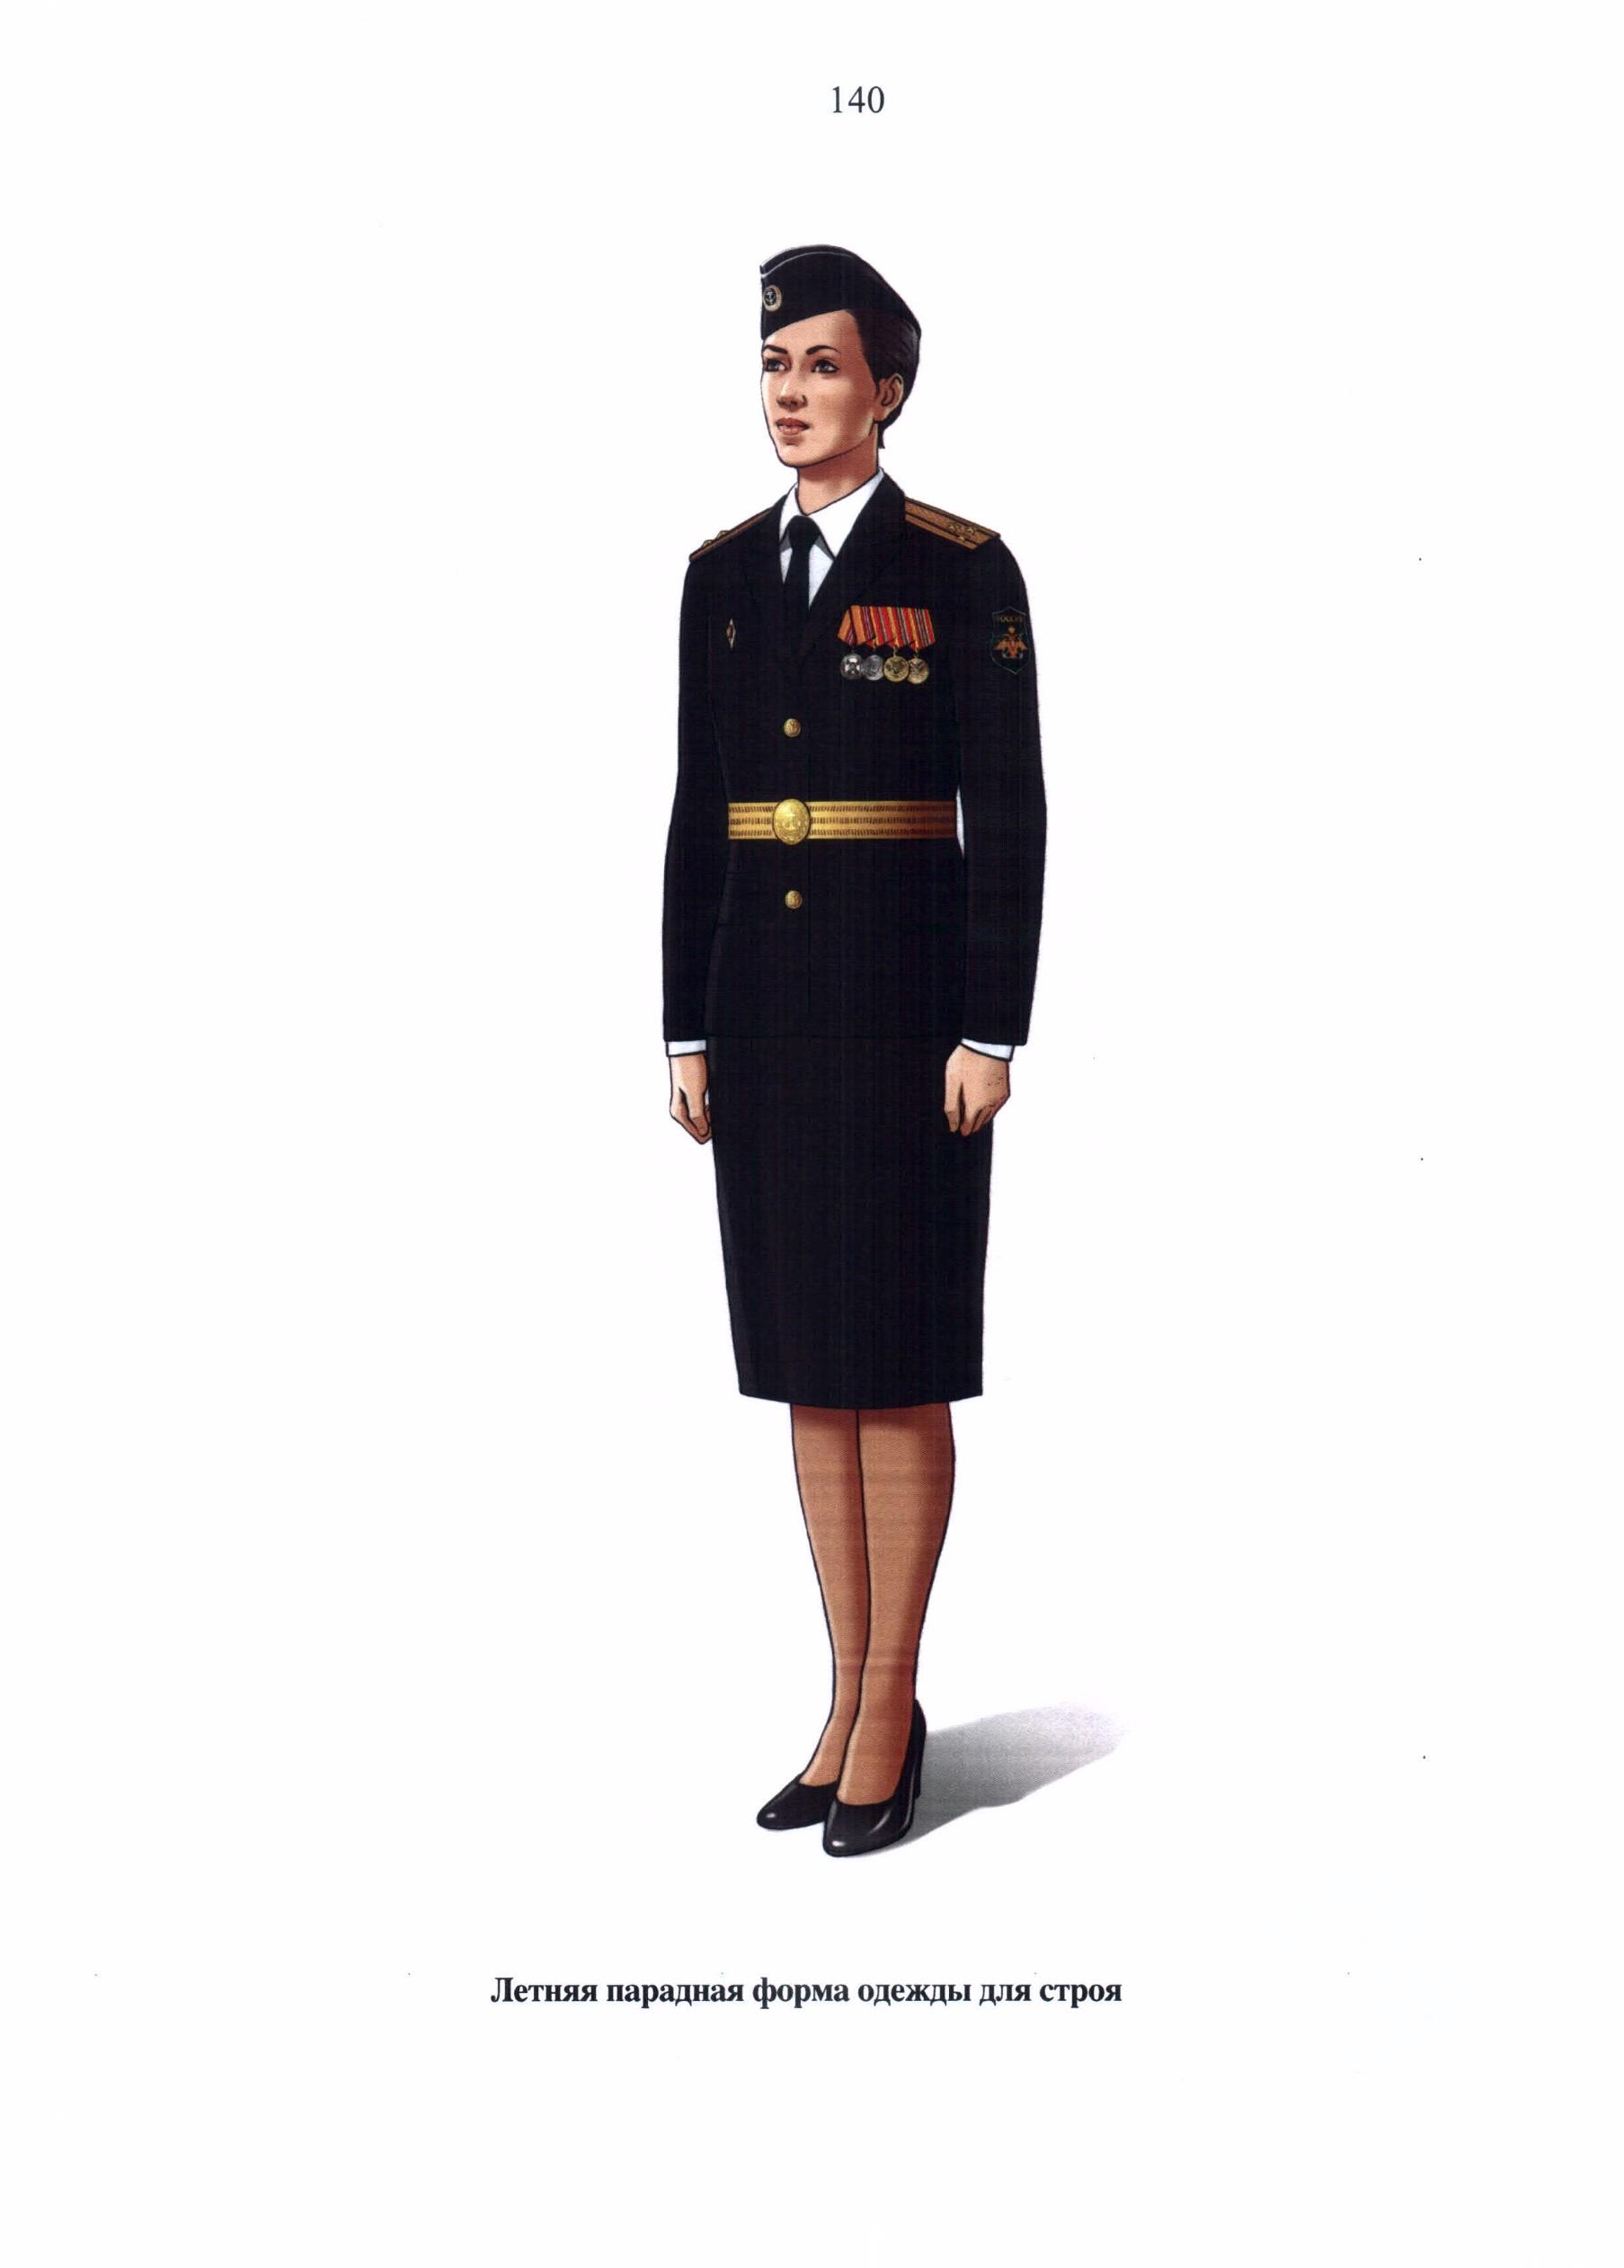 C:\Users\User\Desktop\Приказ МО РФ от 22.06.2015 г. № 300 Правила ношения военной формы одежды\181141.JPG